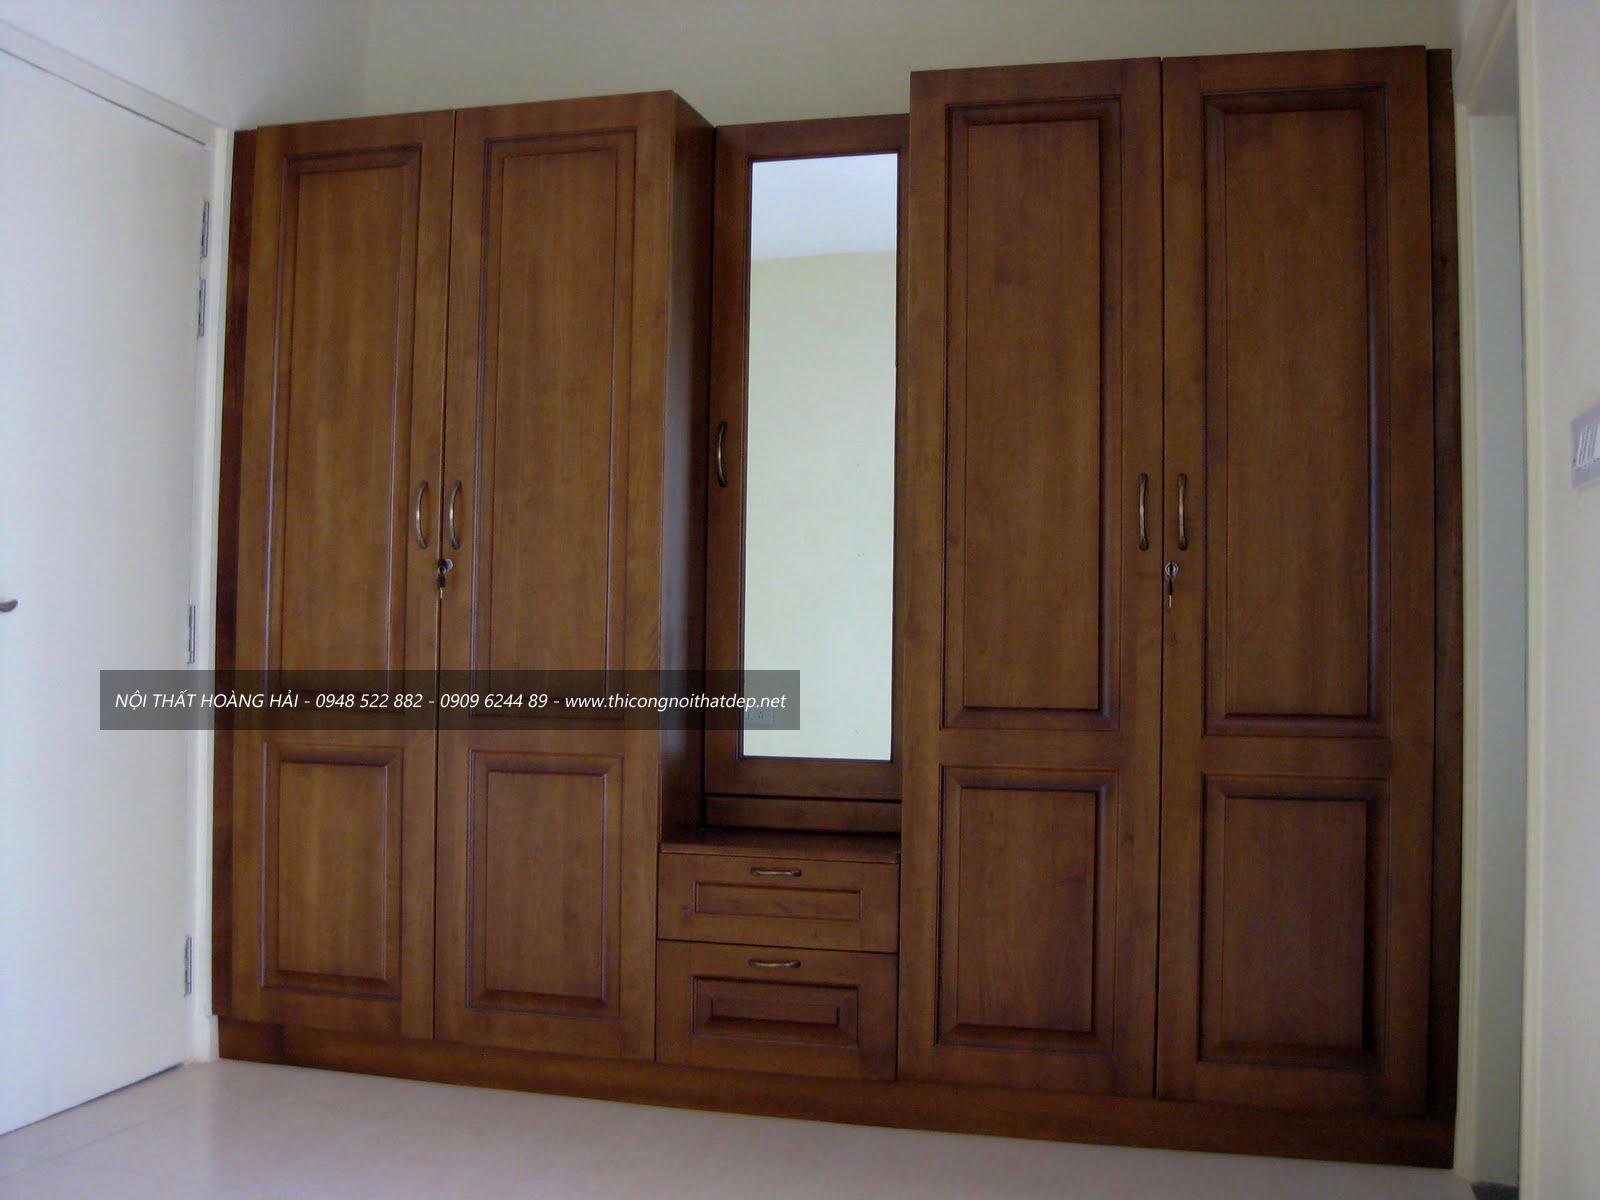 Tủ áo gỗ tự nhiên 3 cánh